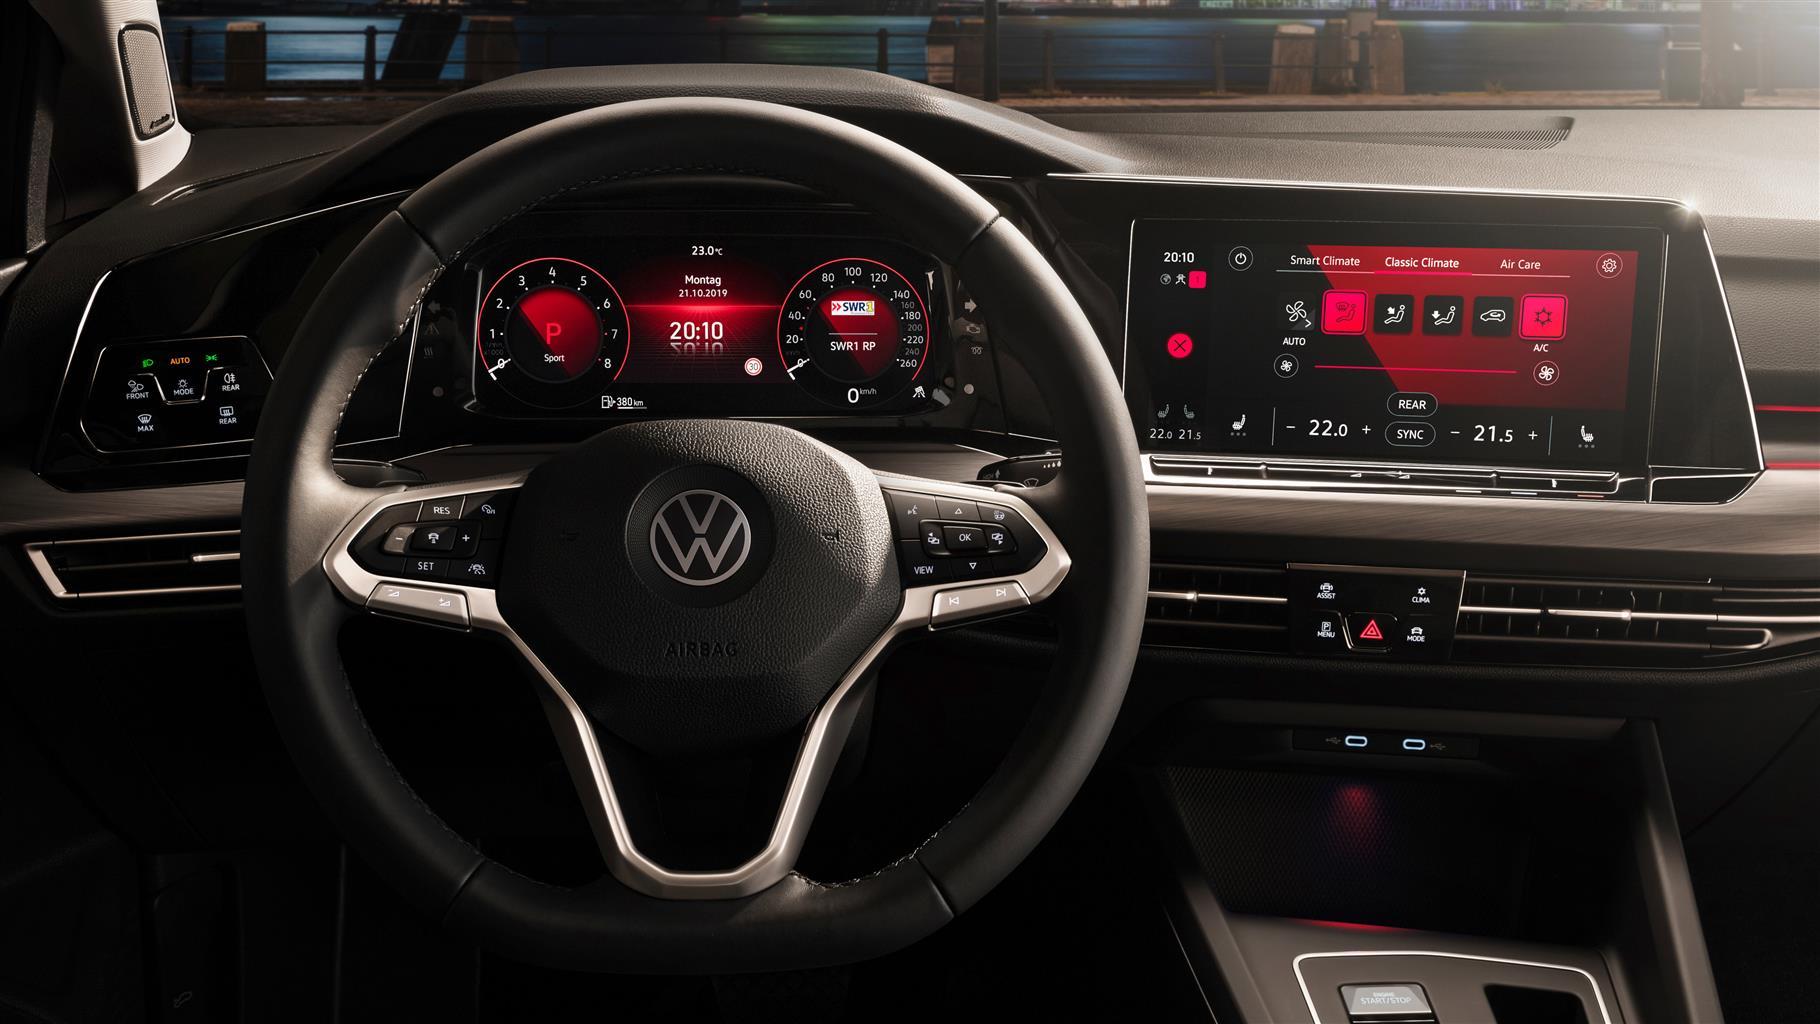 Volkswagen Golf 8 - Più innovativa che mai 3